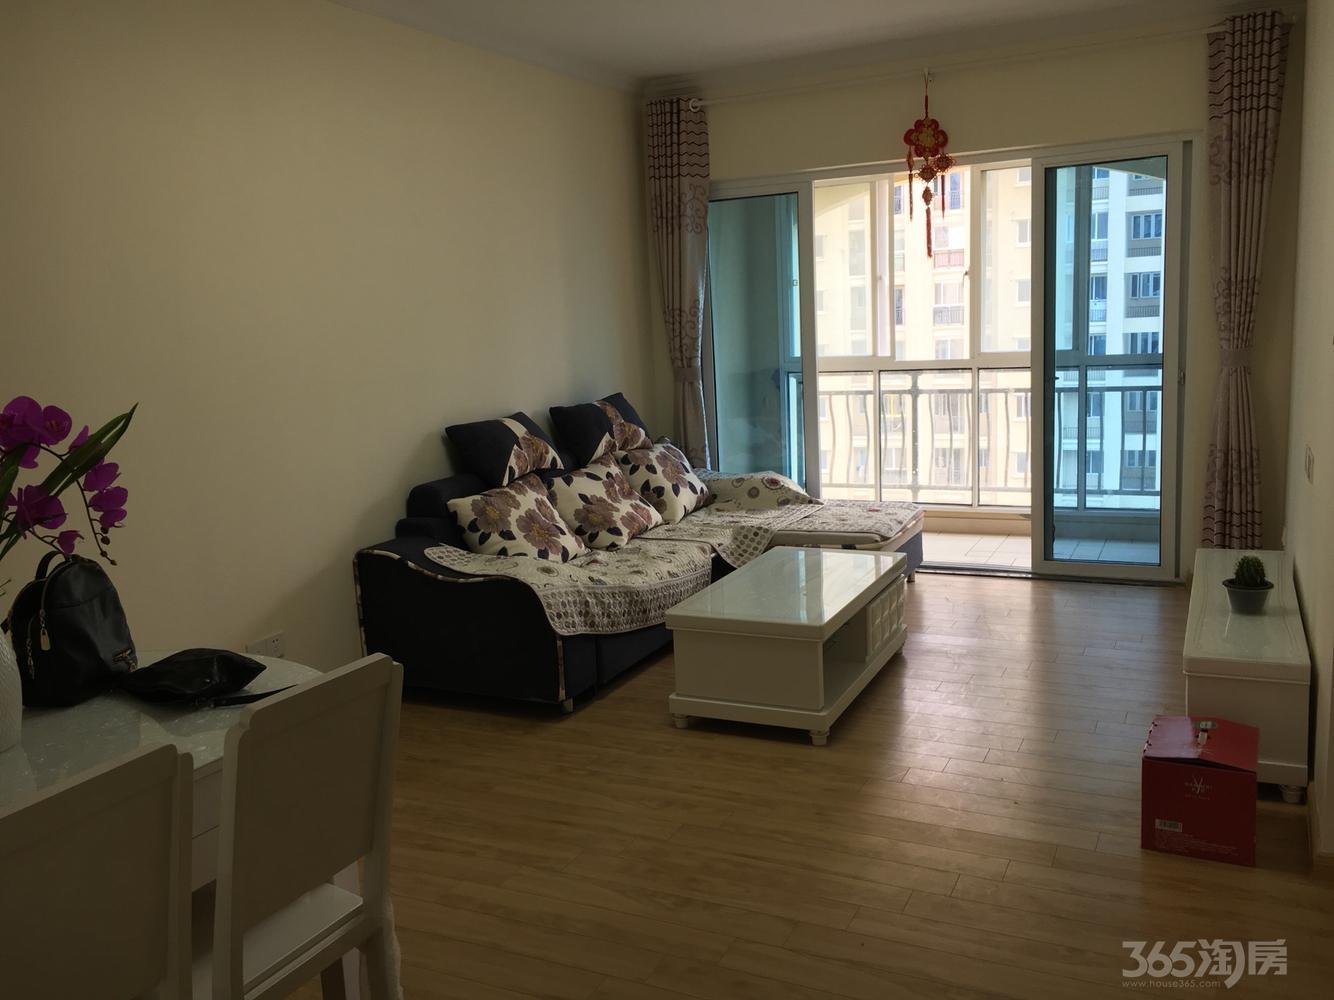 碧桂园欧洲城2室1厅1卫79平米精装产权房2013年建